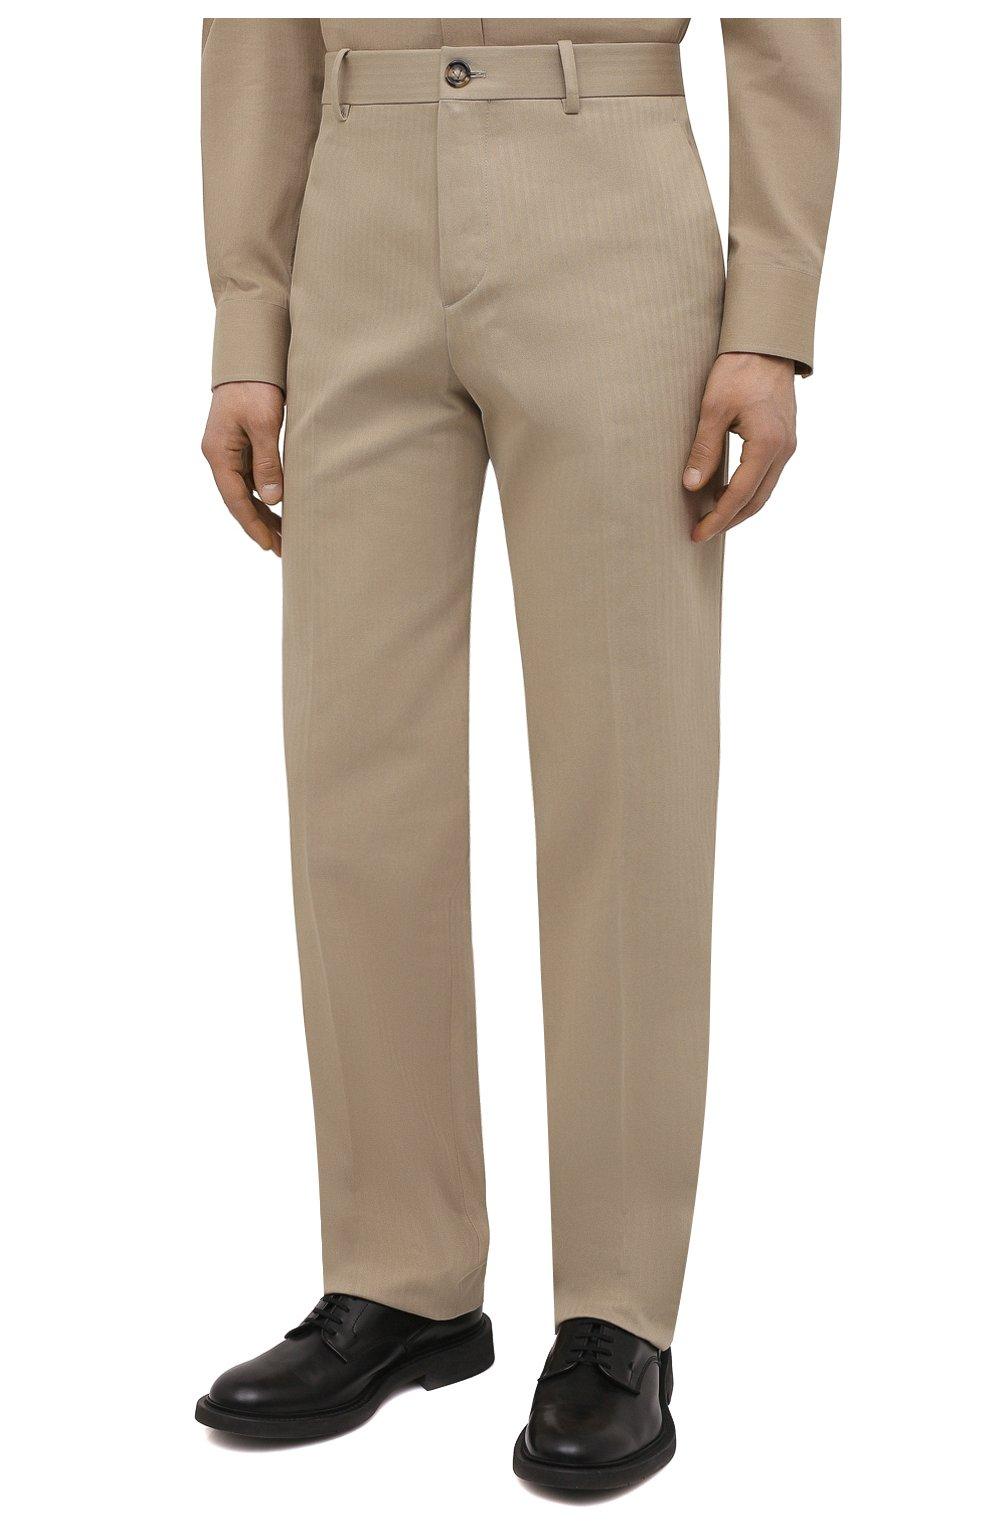 Мужские хлопковые брюки BOTTEGA VENETA бежевого цвета, арт. 651056/V07H0 | Фото 3 (Длина (брюки, джинсы): Стандартные; Случай: Повседневный; Материал внешний: Хлопок; Стили: Минимализм)